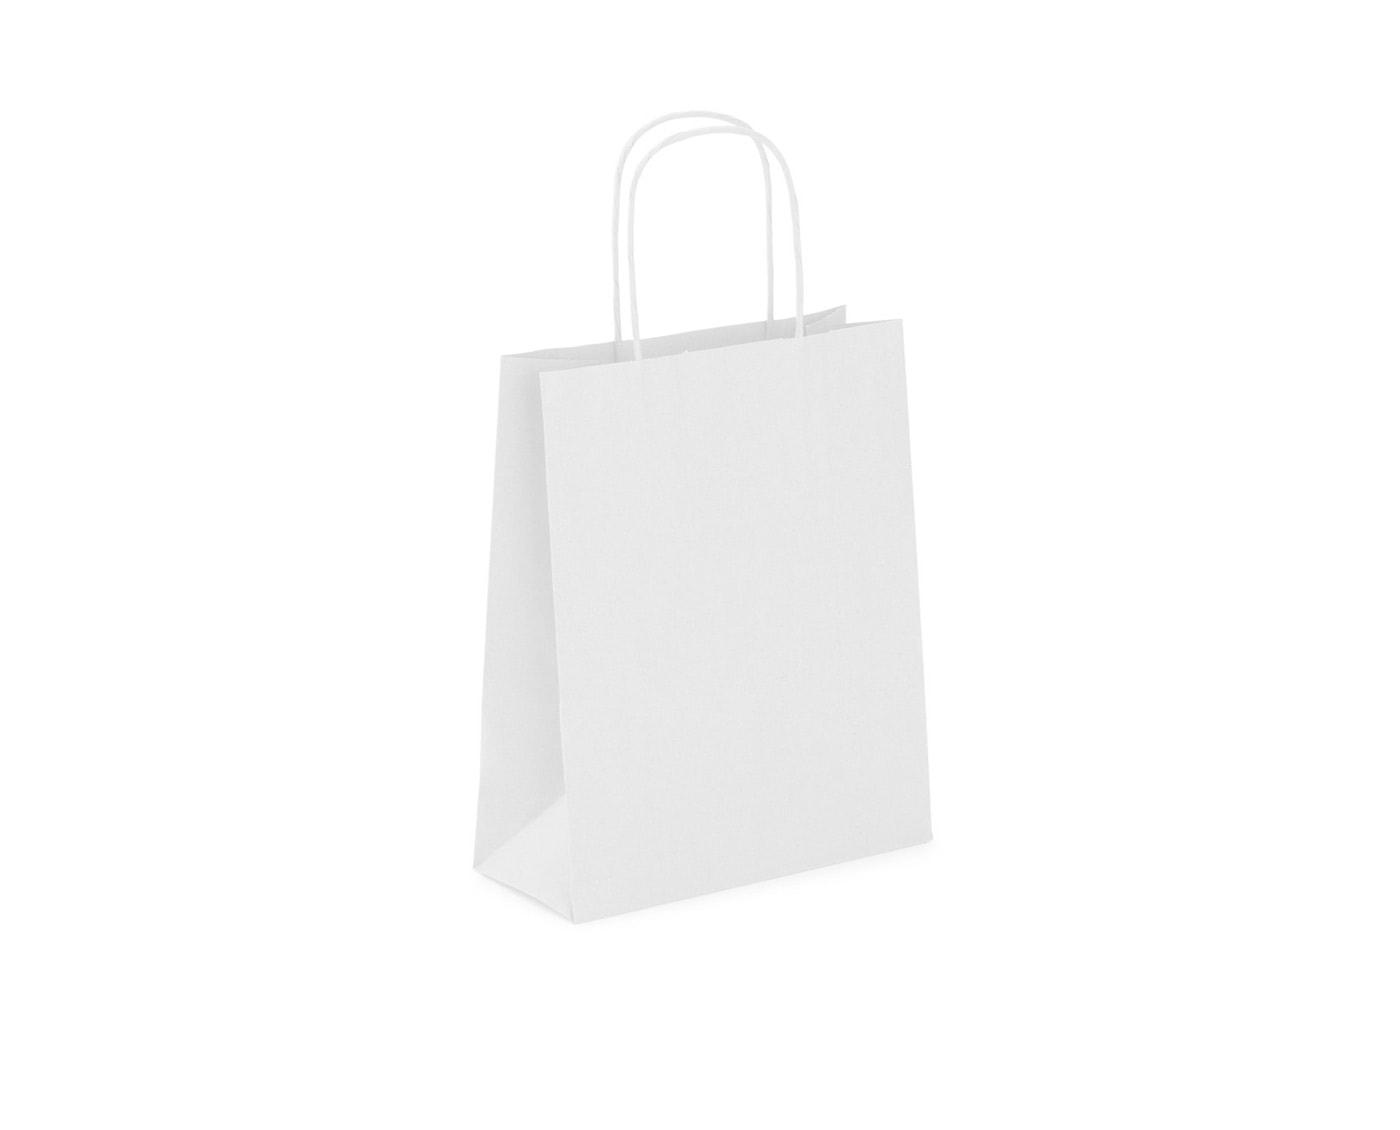 Biała torba papierowa z papieru kraft